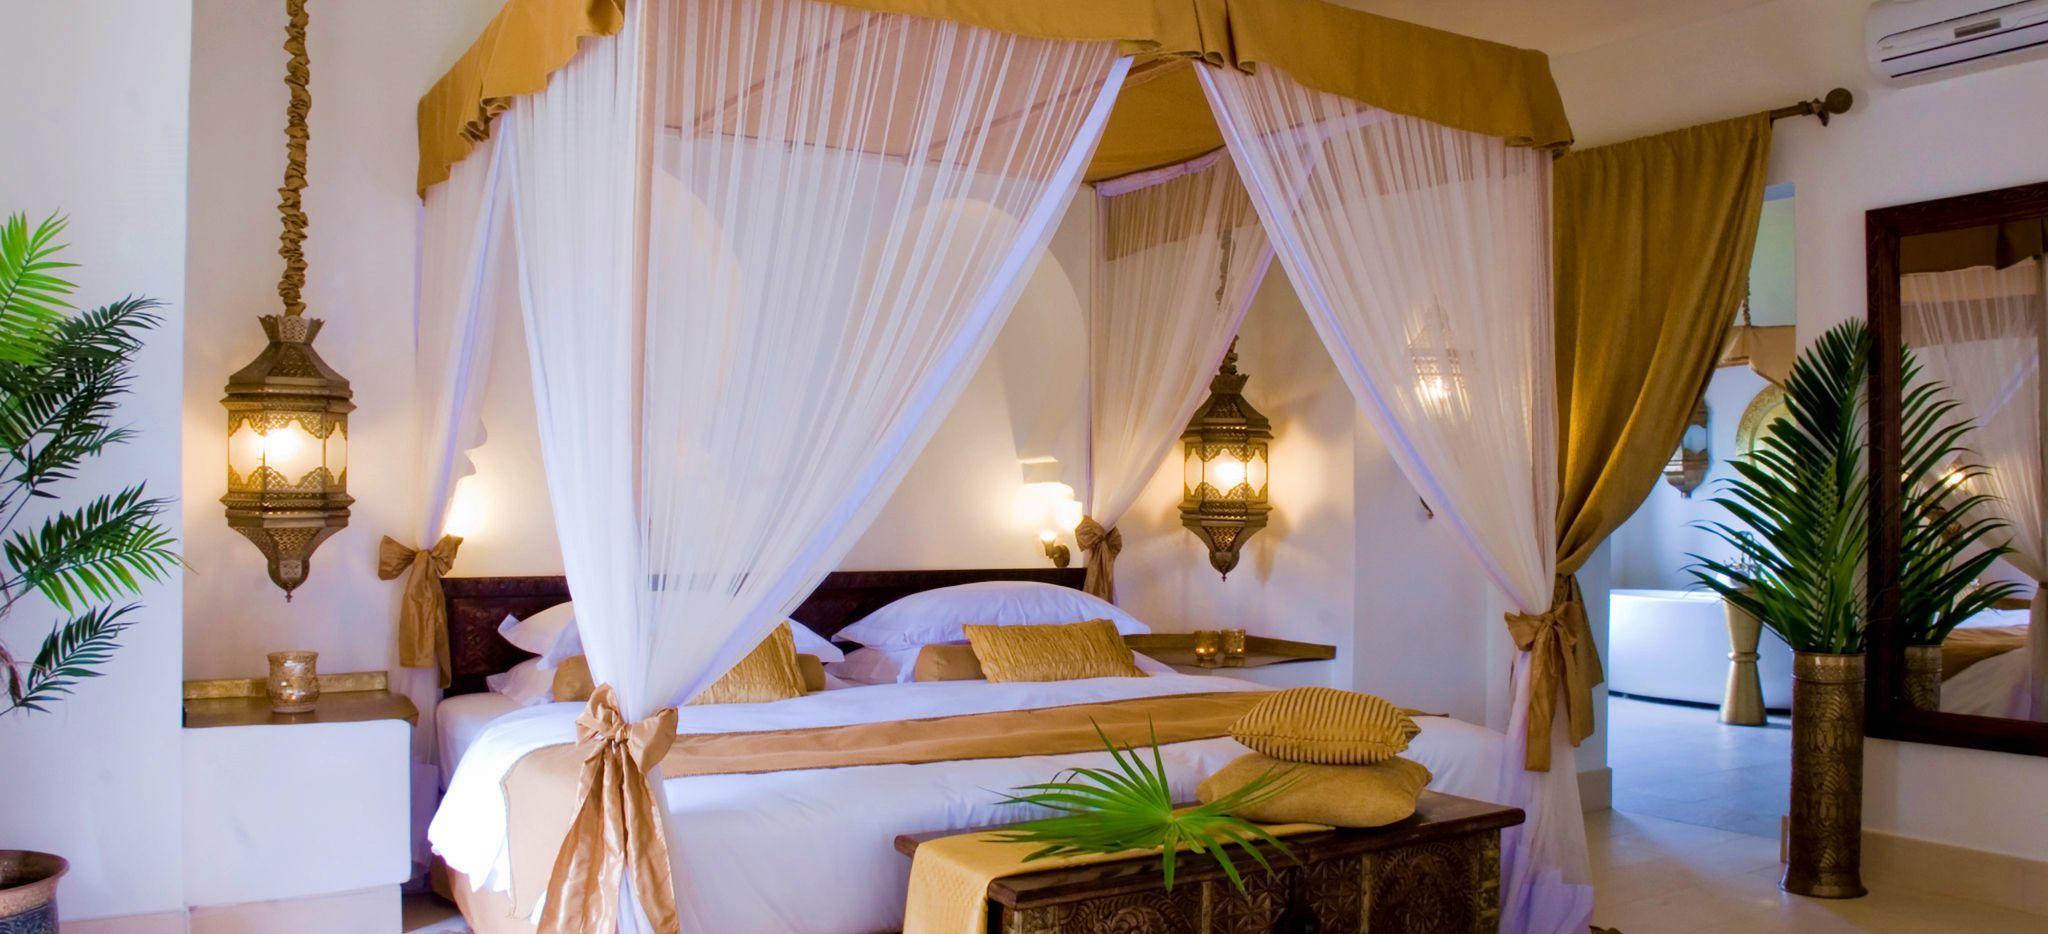 Ein Helles Schalfzimmer mit einem arabischen Himmelbett